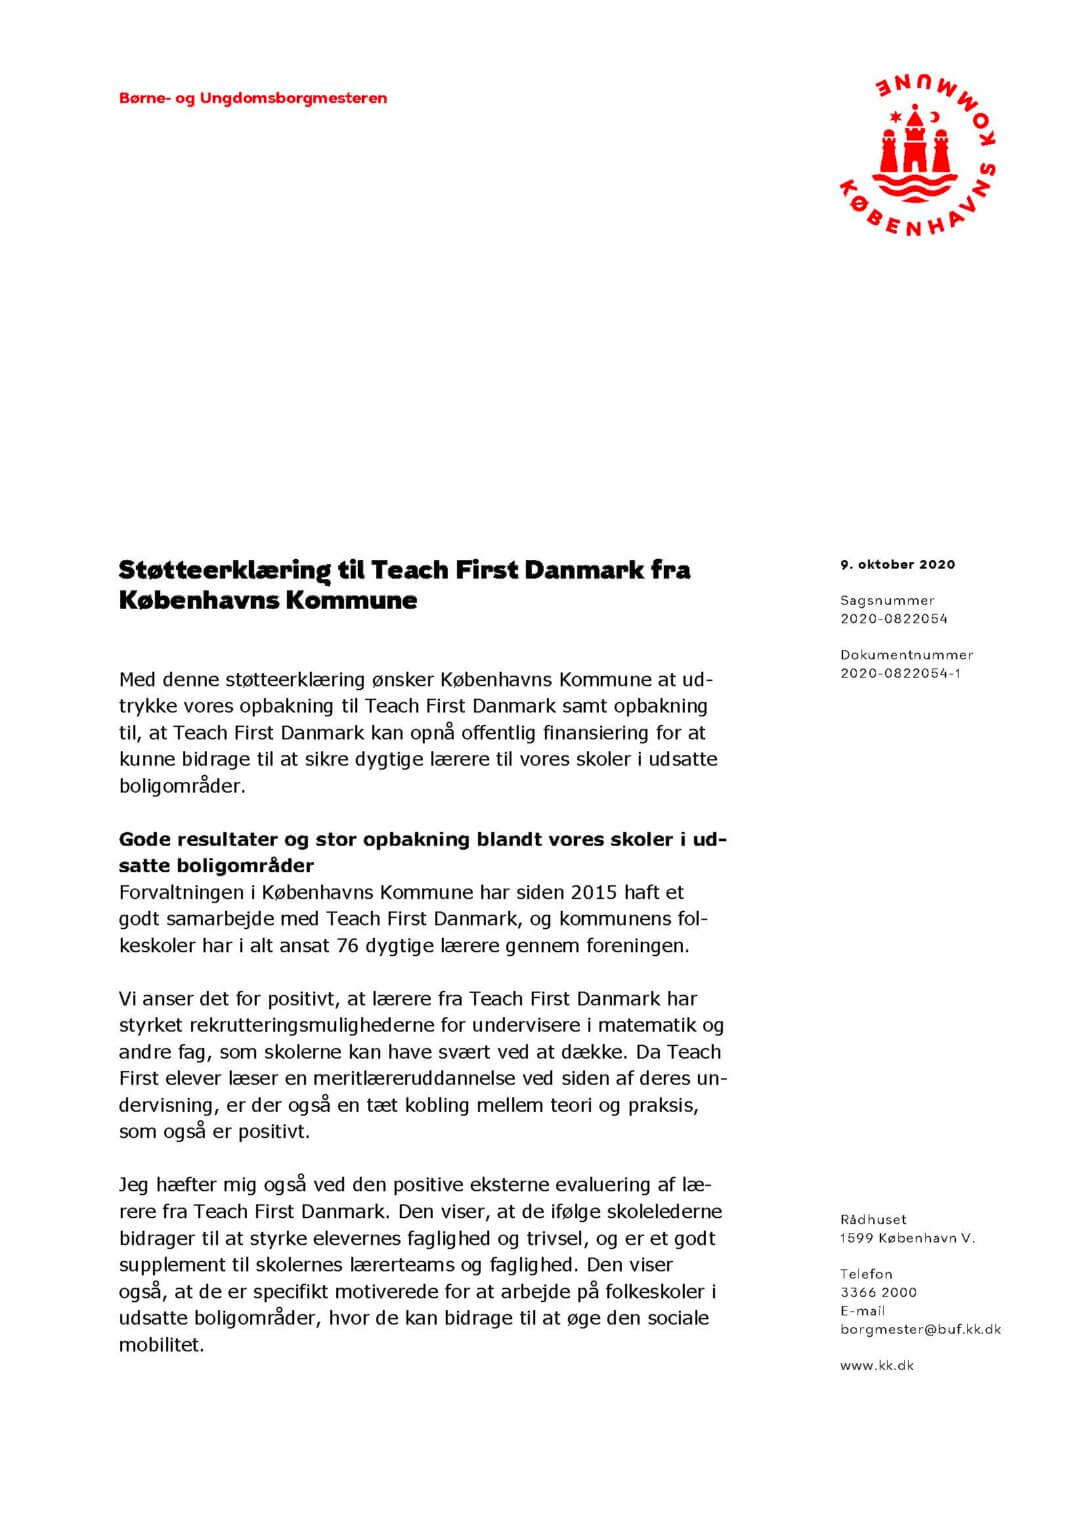 Københavns Kommune støtteerklæring til Teach First Danmark (side 1/2)